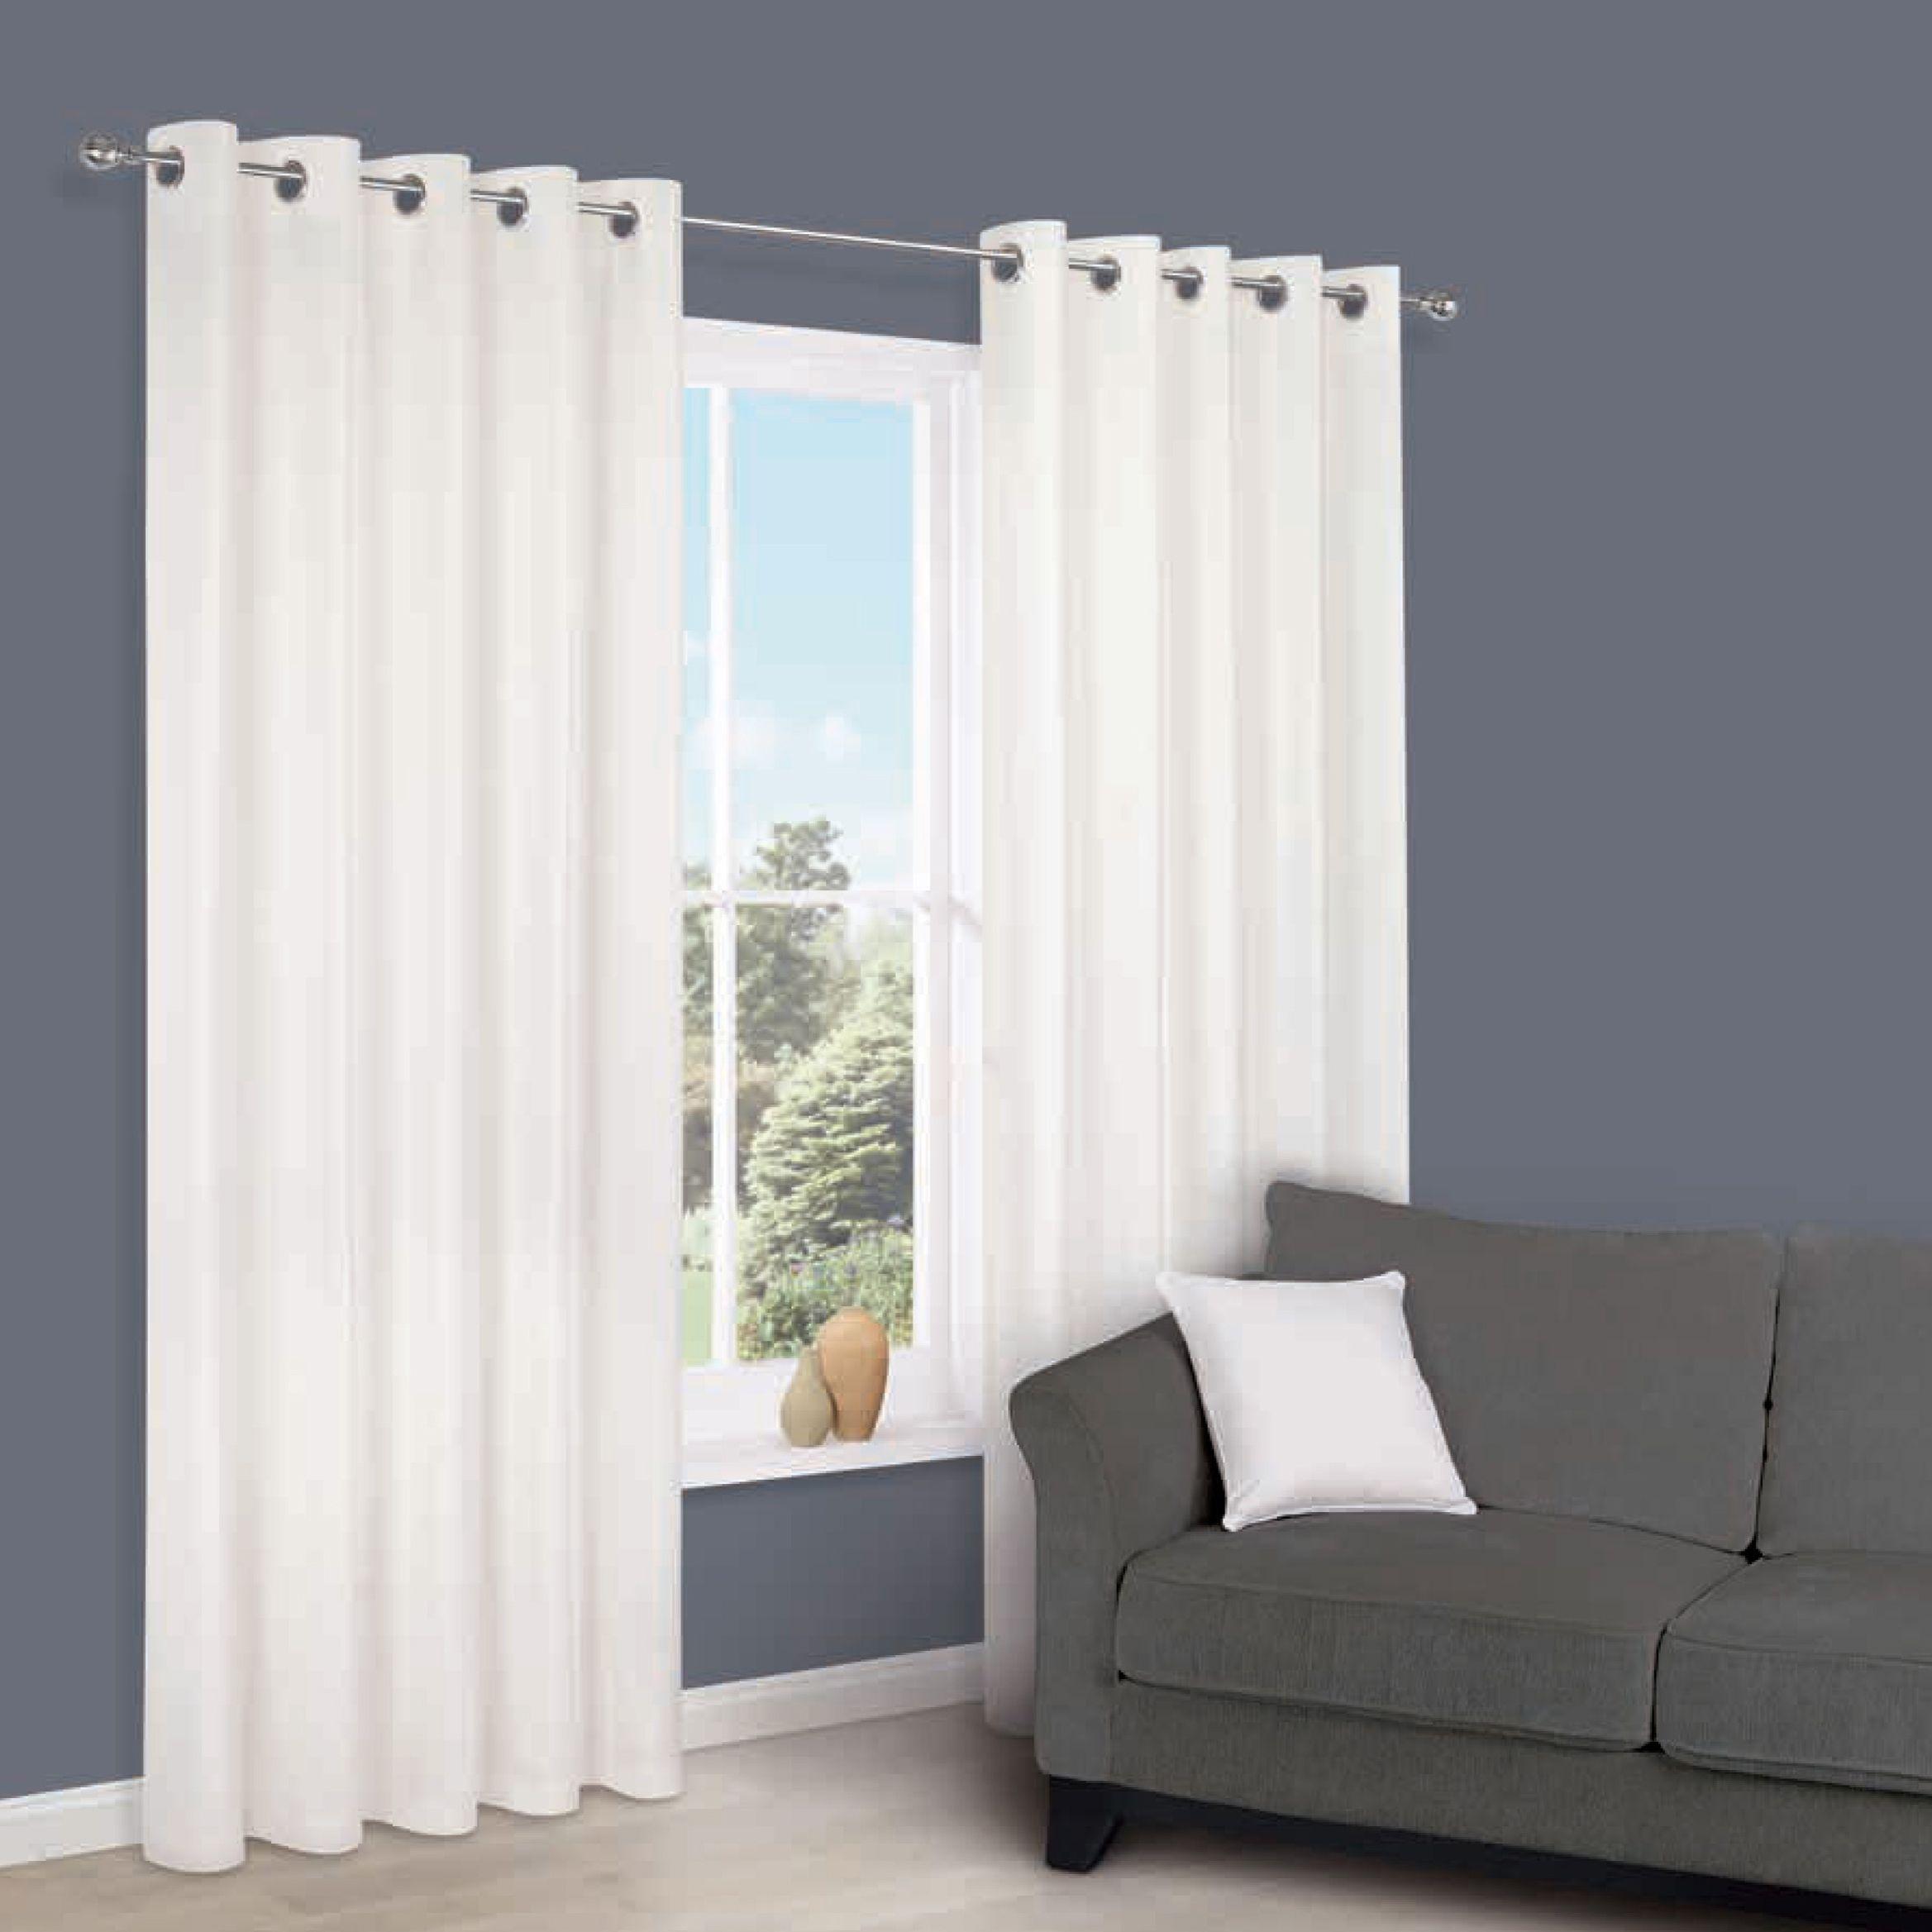 Zen White Plain Eyelet Curtains (W)228 cm (L)228 cm | Departments | DIY at B&Q